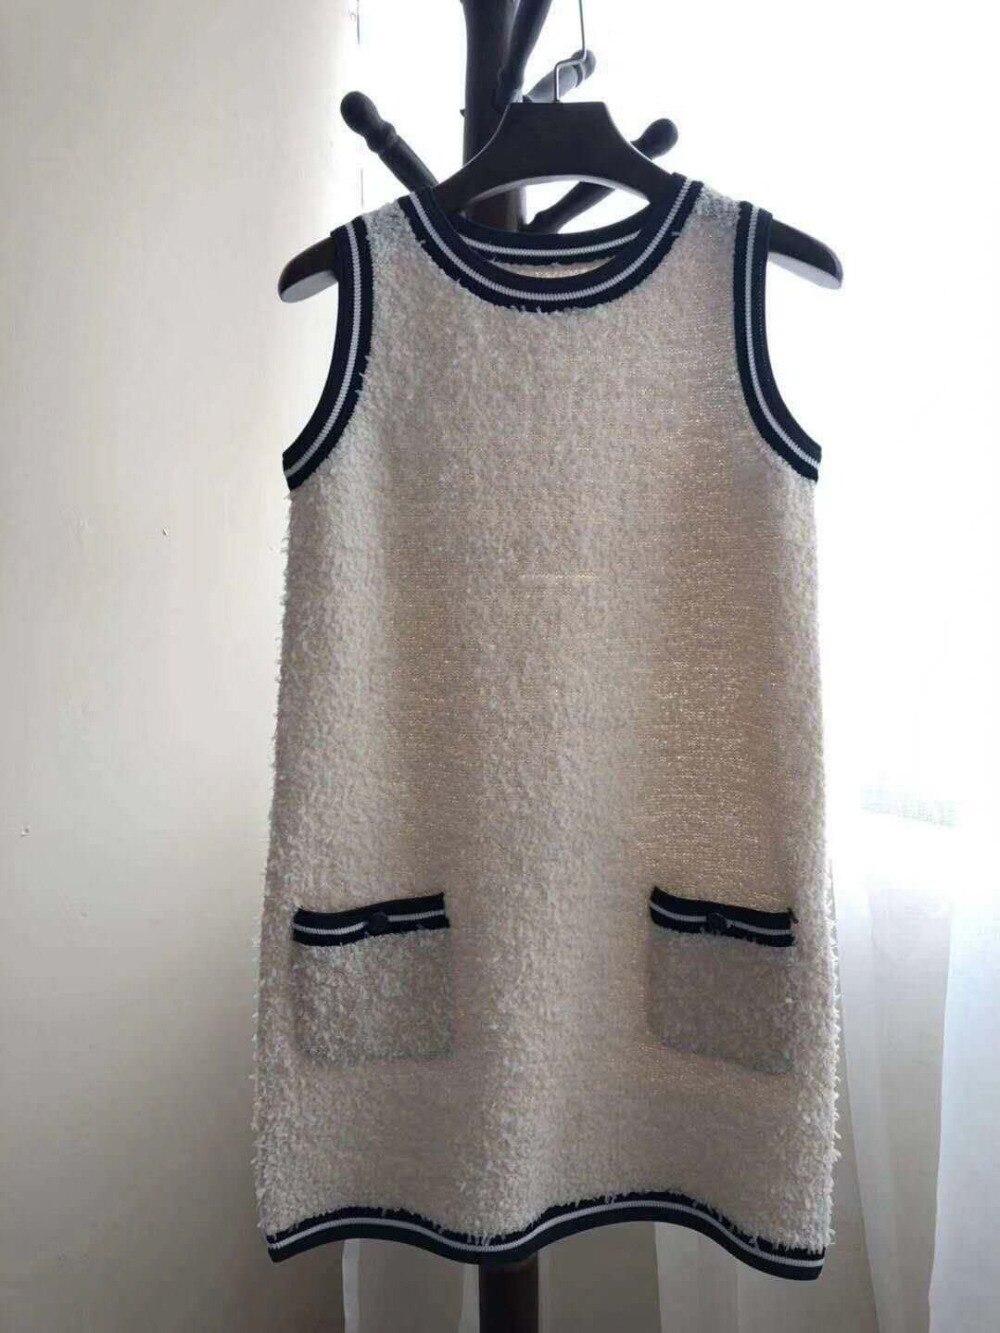 Подиумные дизайнерские женские платья Новинка 2019 весеннее женское винтажное вязаное платье без рукавов с пуговицами высокого качества